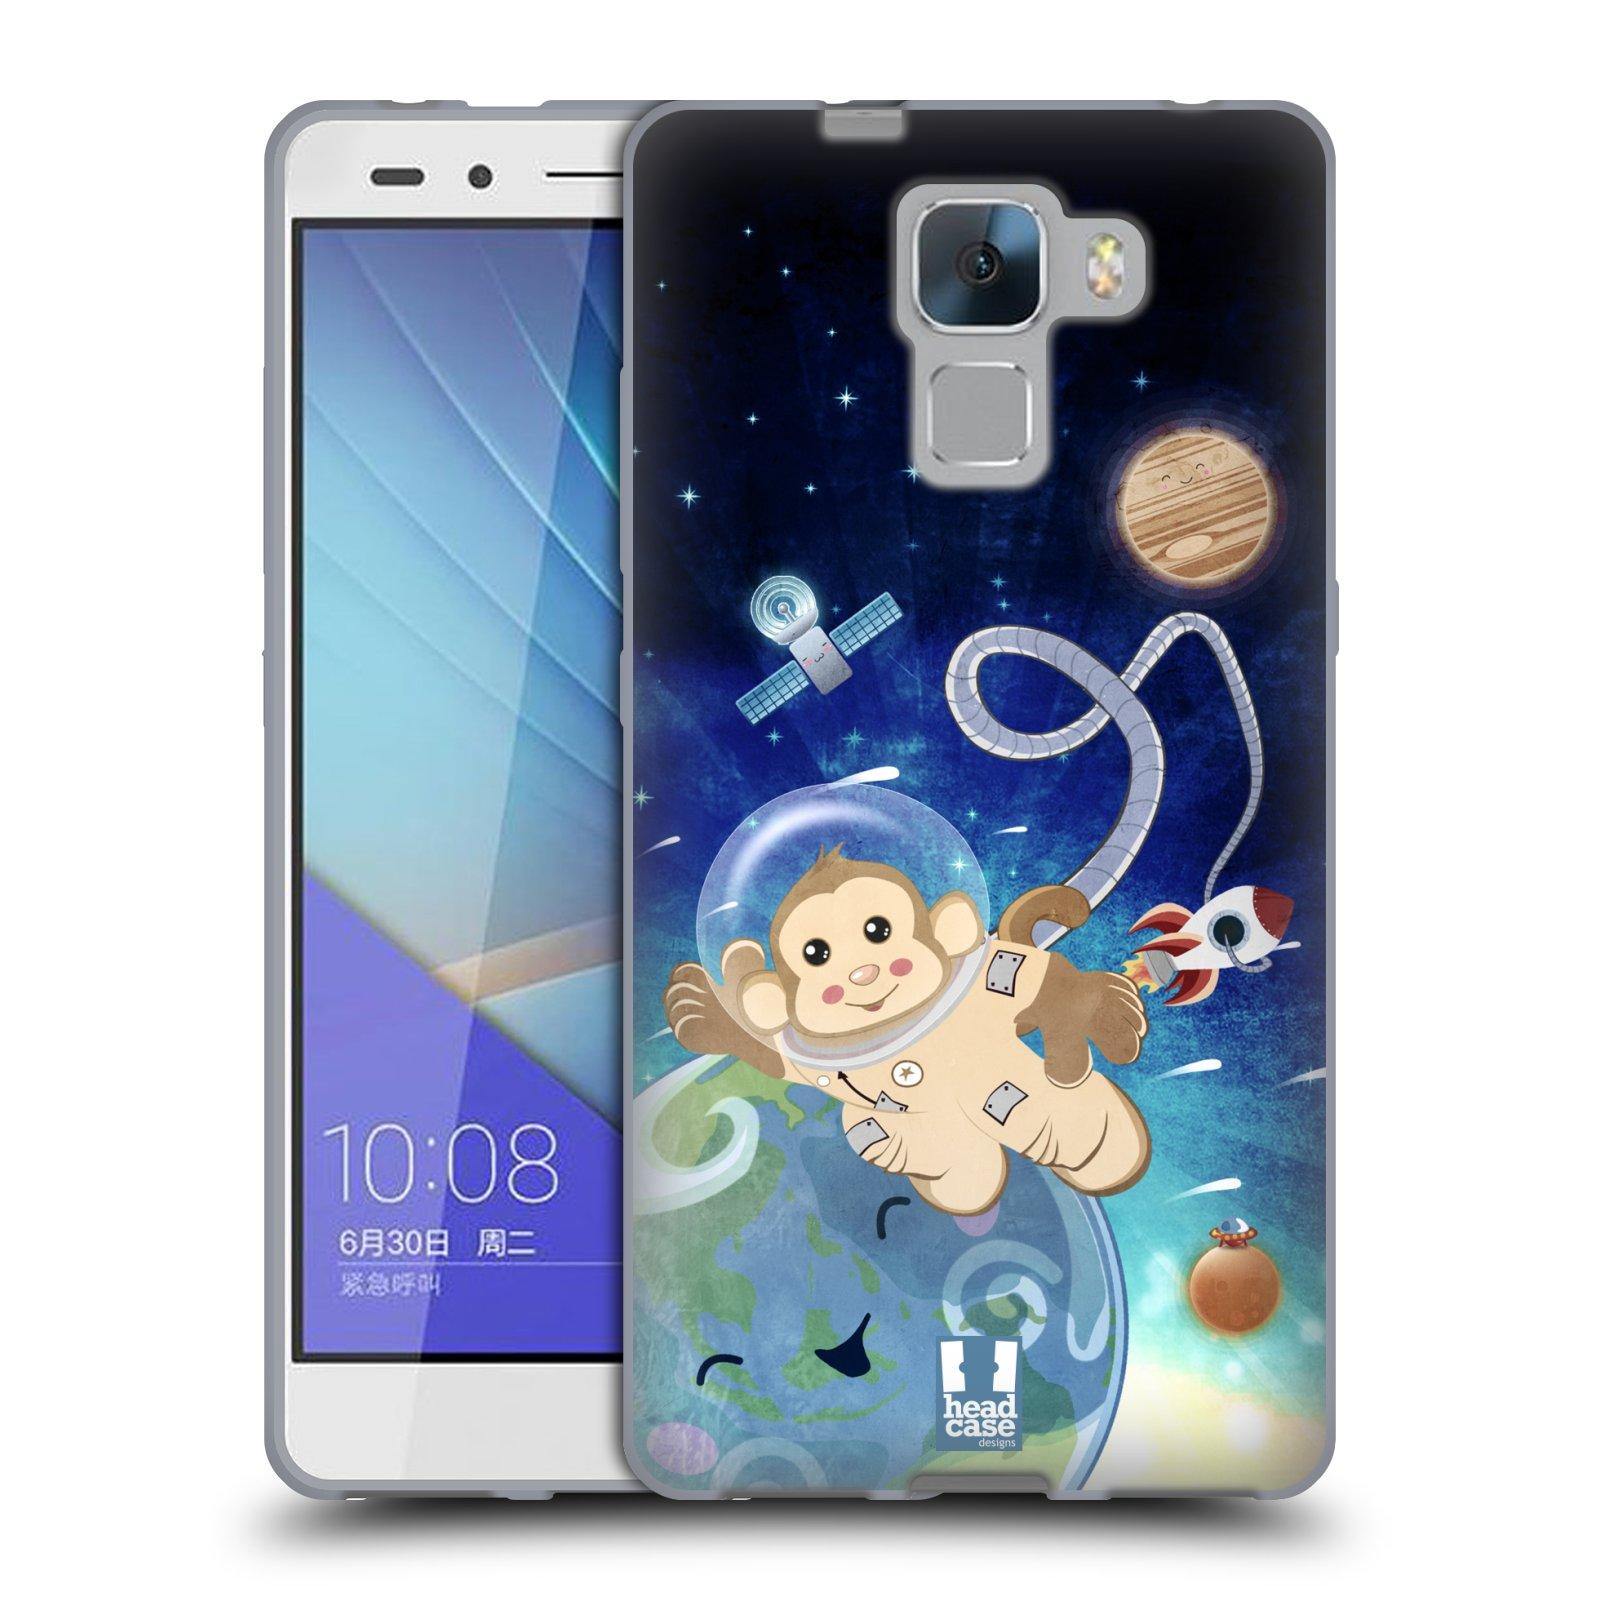 HEAD CASE silikonový obal na mobil HUAWEI HONOR 7 vzor Zvířecí astronauti opička